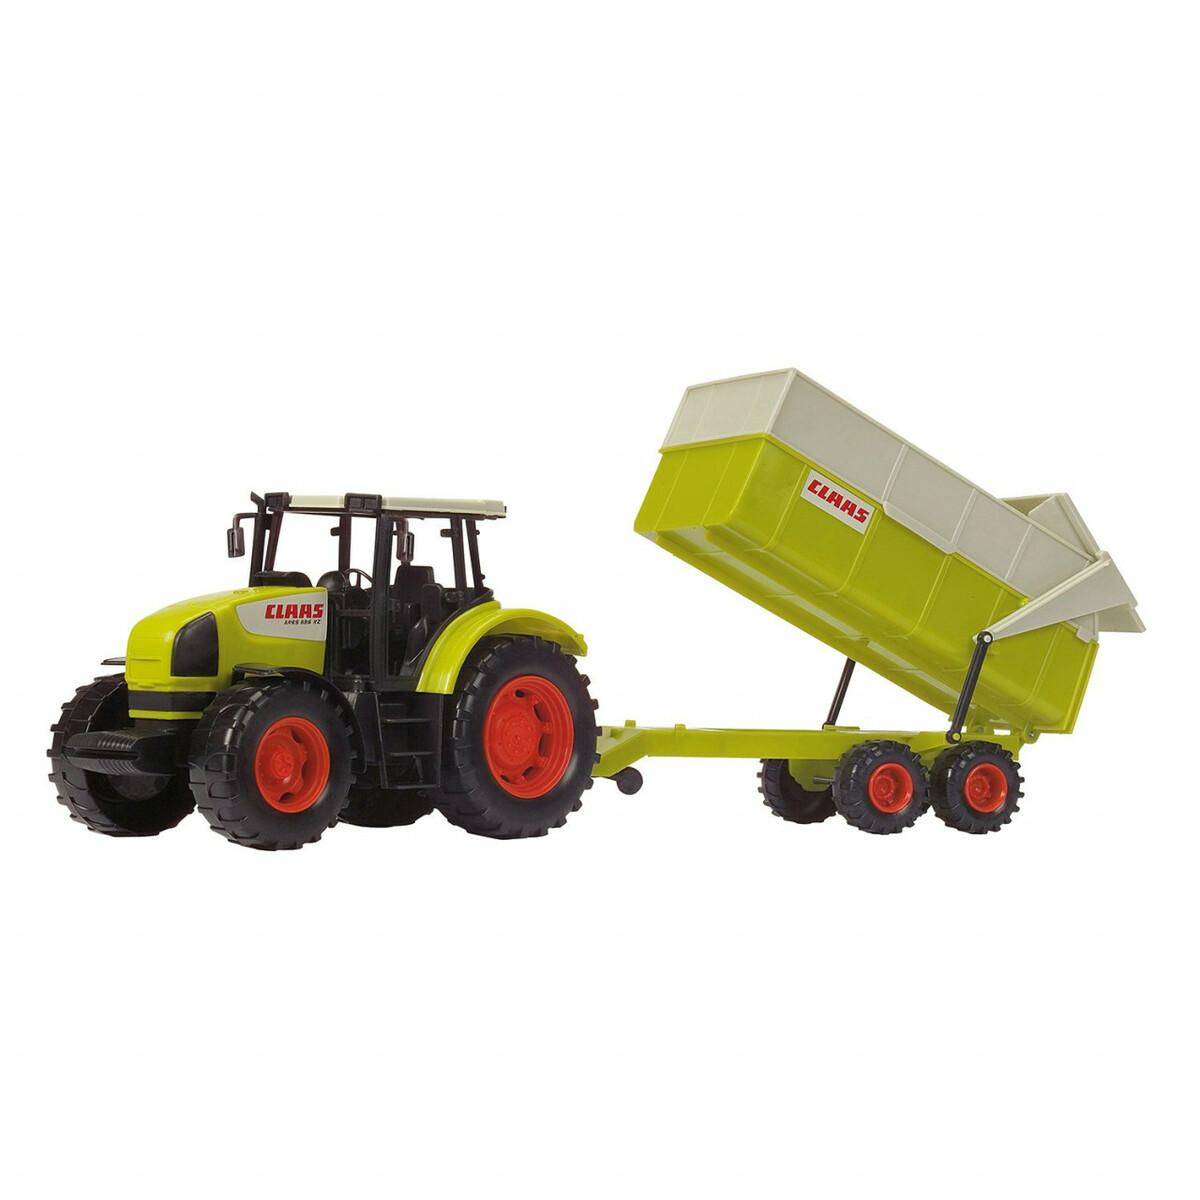 Bild 2 von Dickie Toys Traktor CLAAS